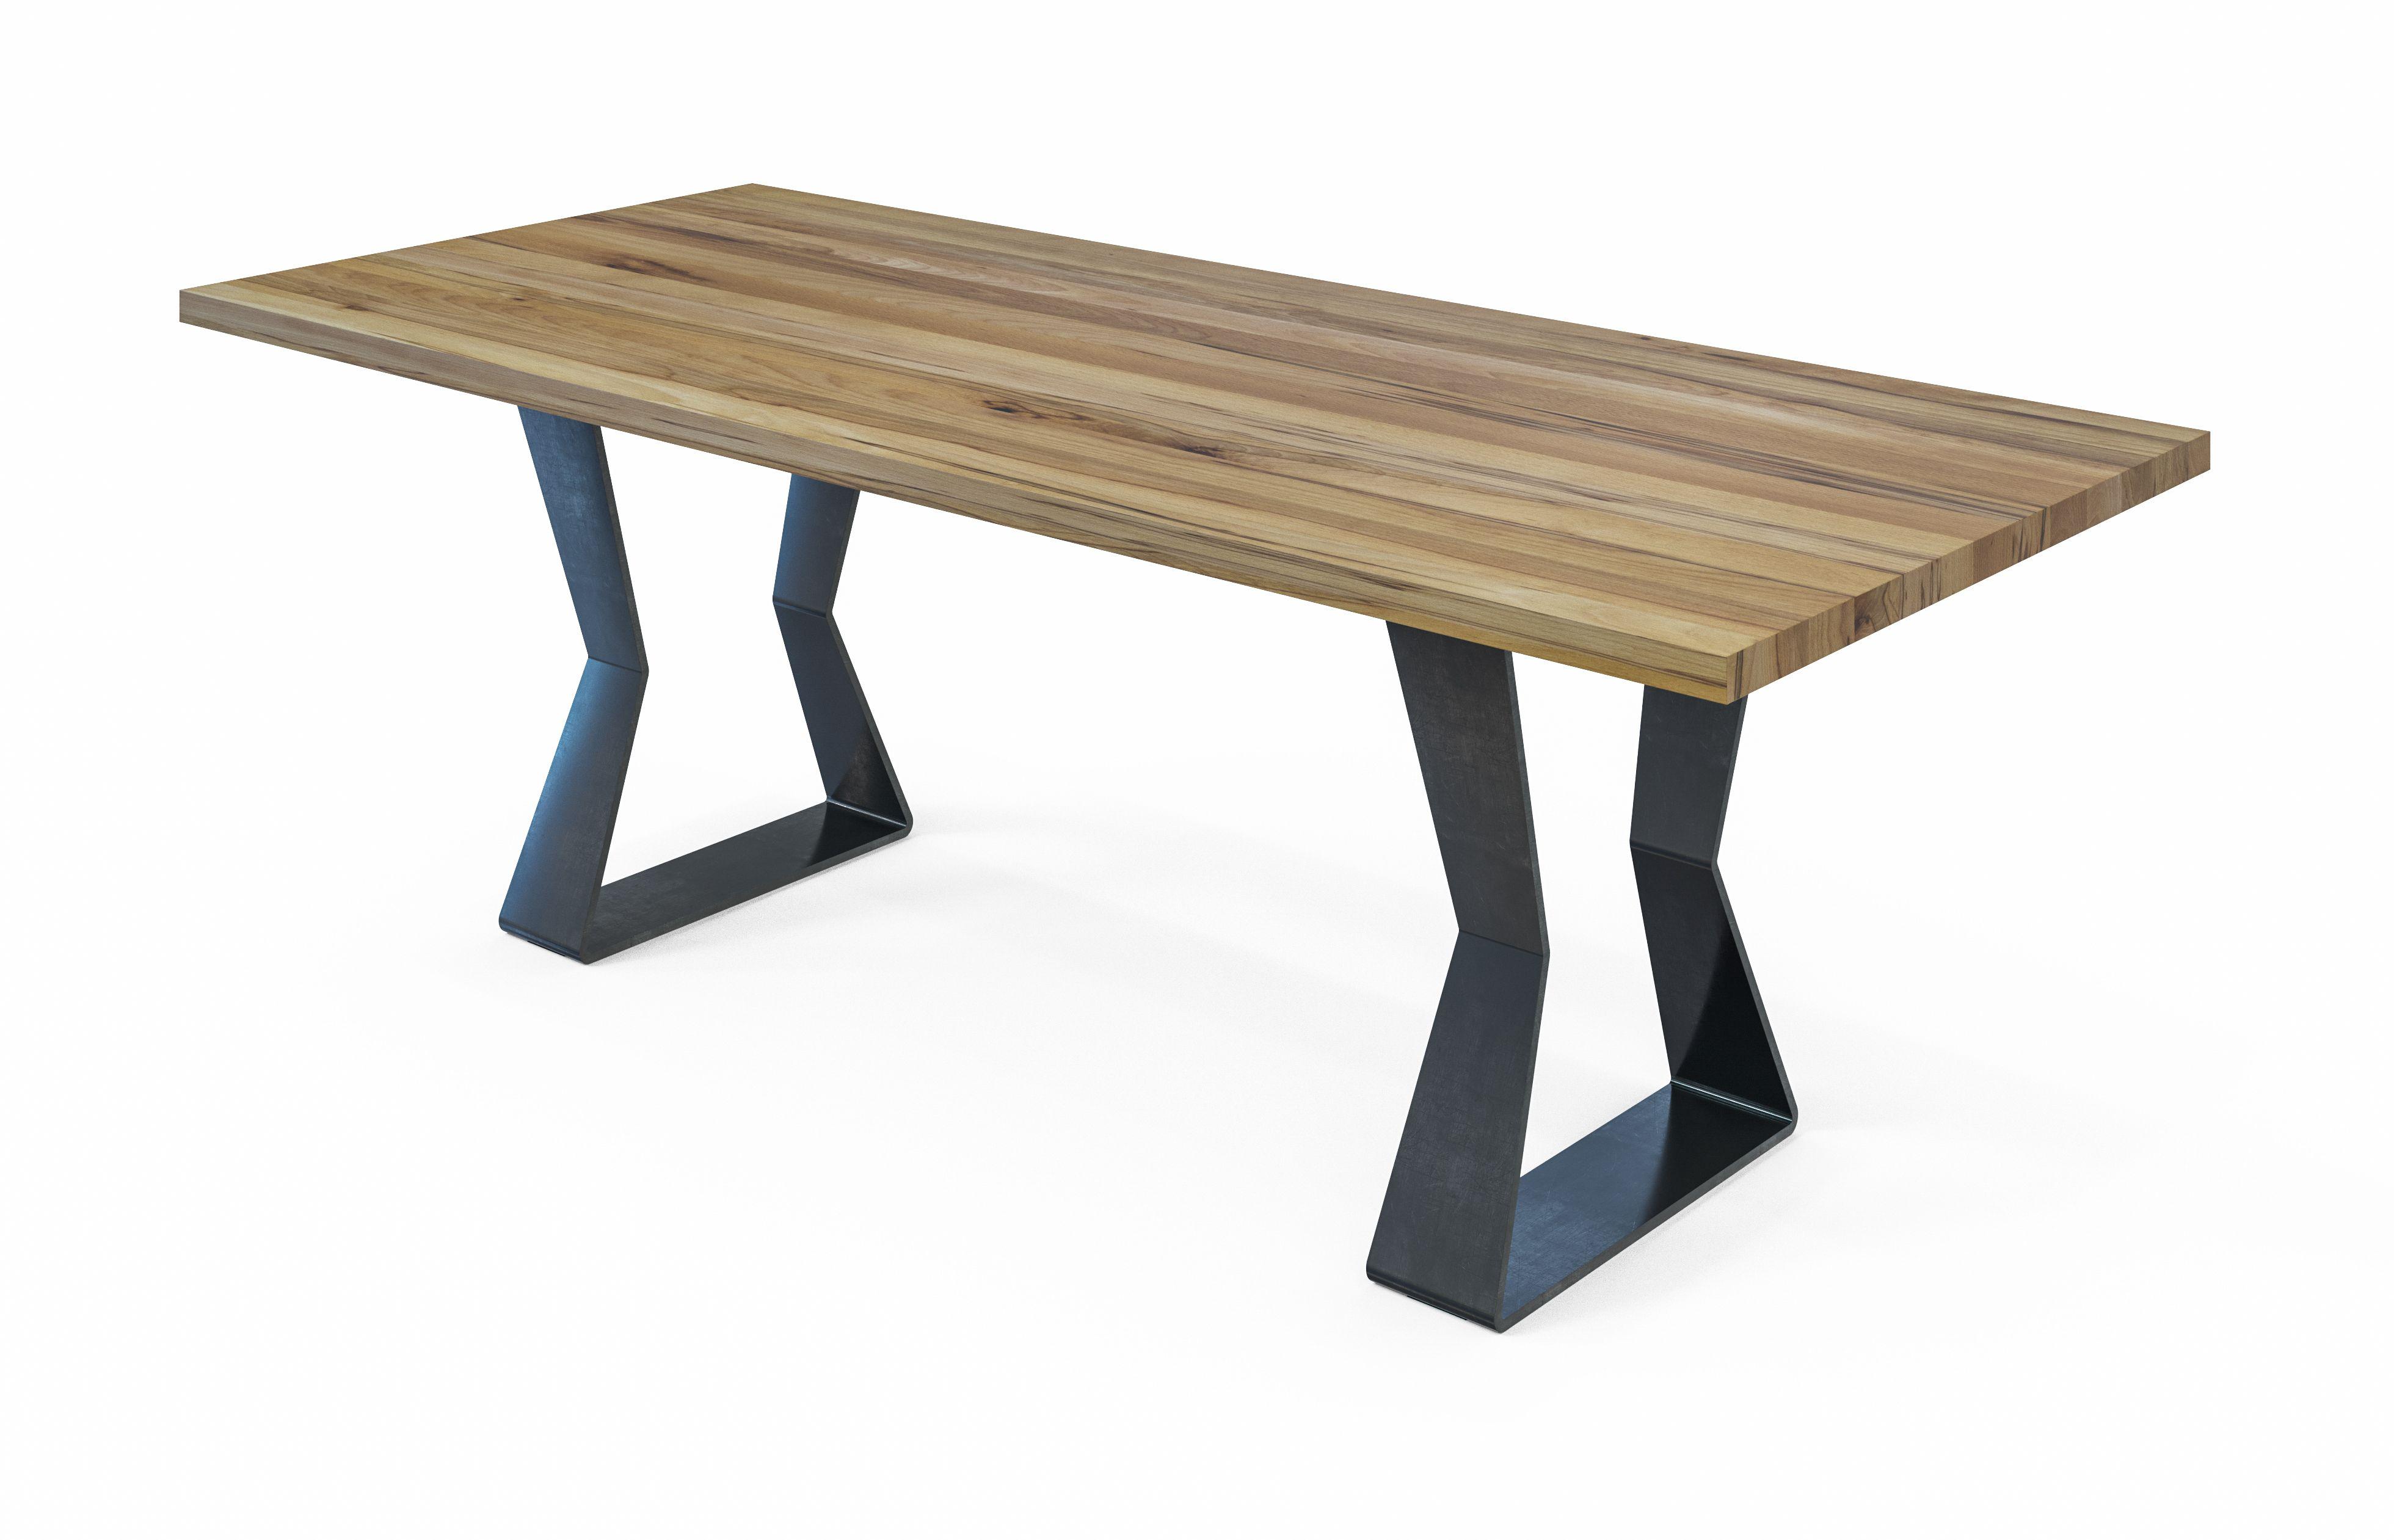 Esstisch Brenno hat eine Tischplatte aus Massivholz und